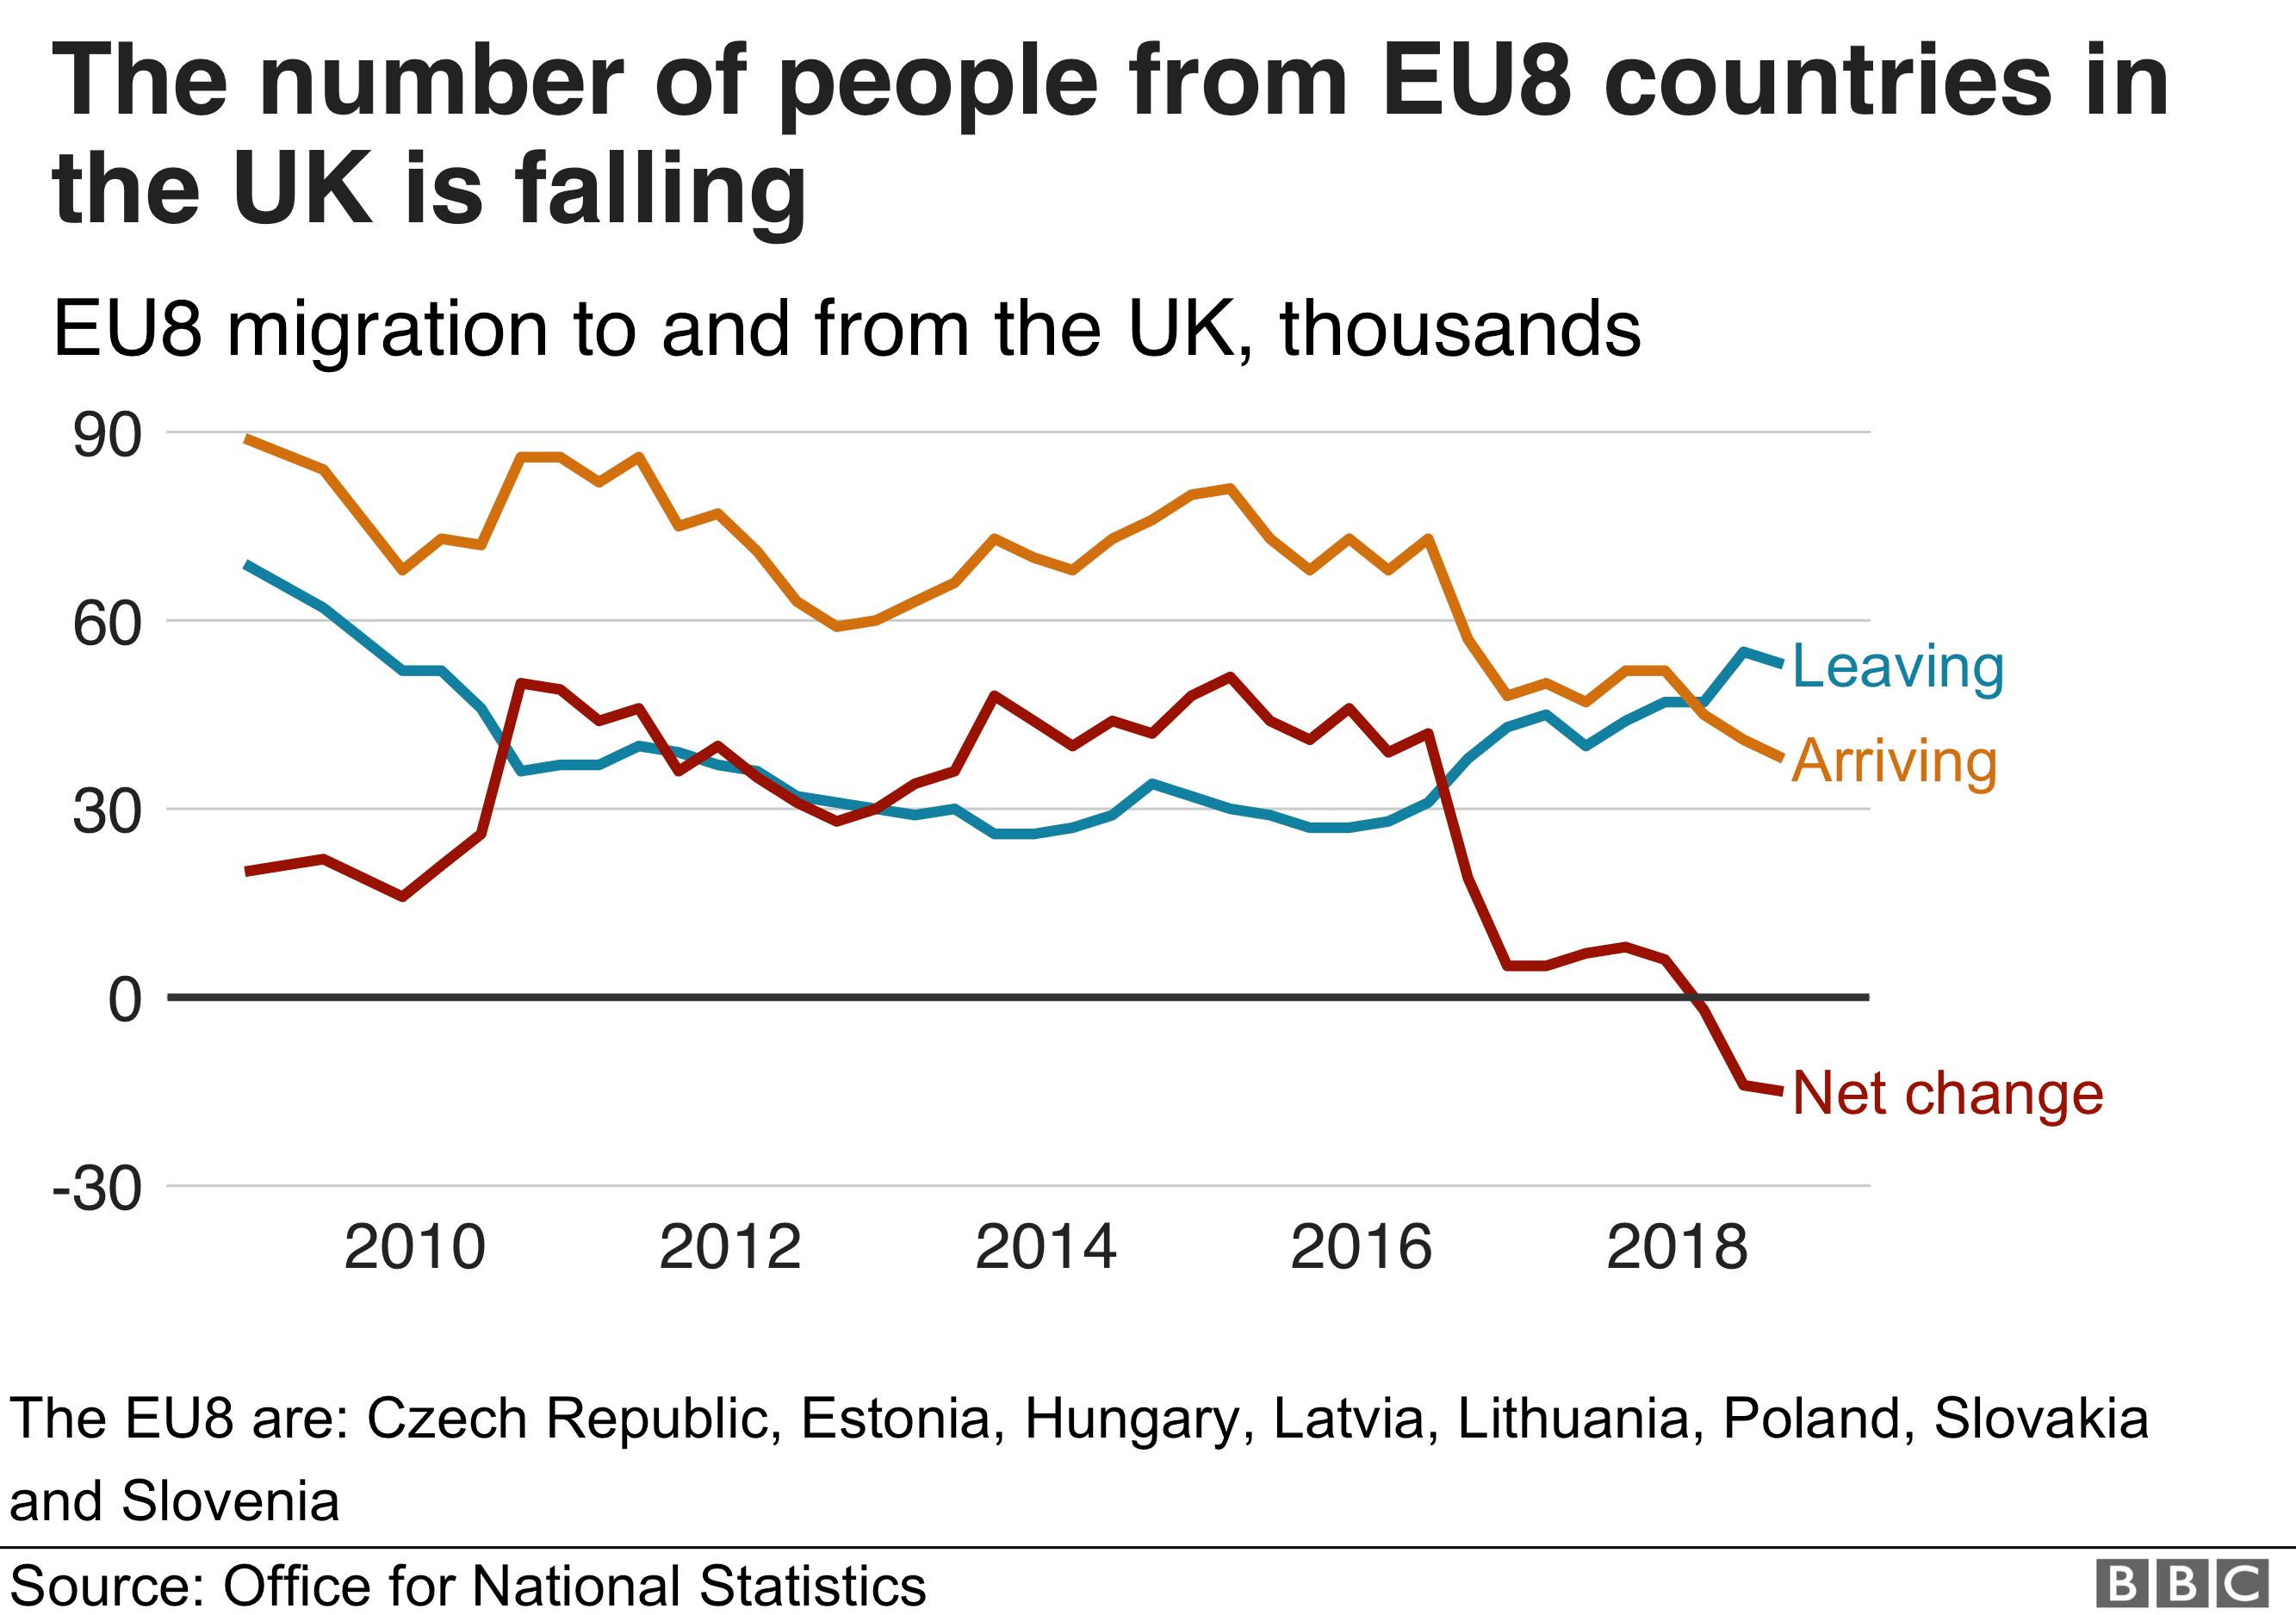 Graph showing EU8 migration